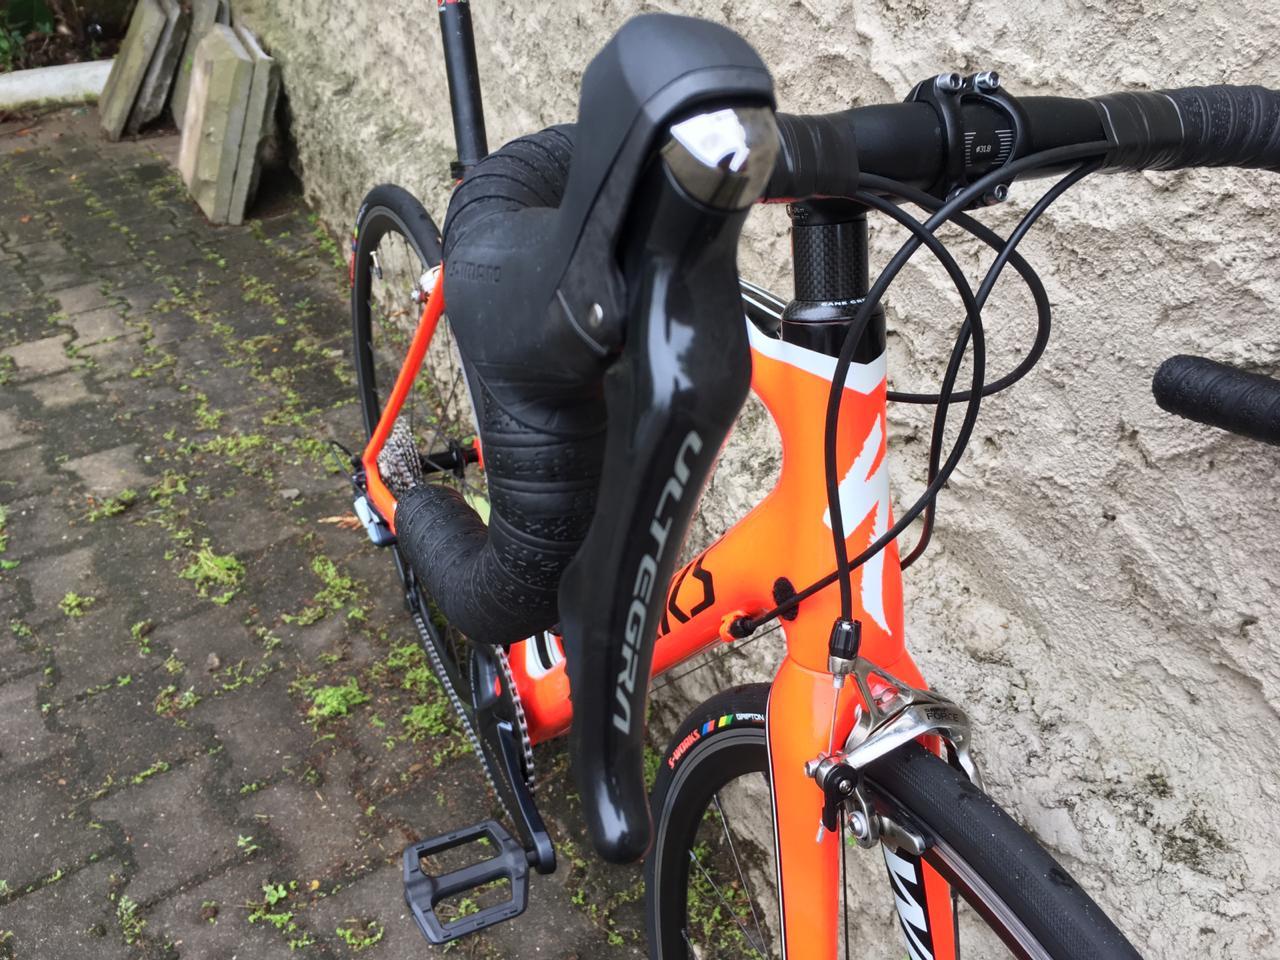 Bicicleta Specialized Tarmac S-Works Vermelho 54 (2012)